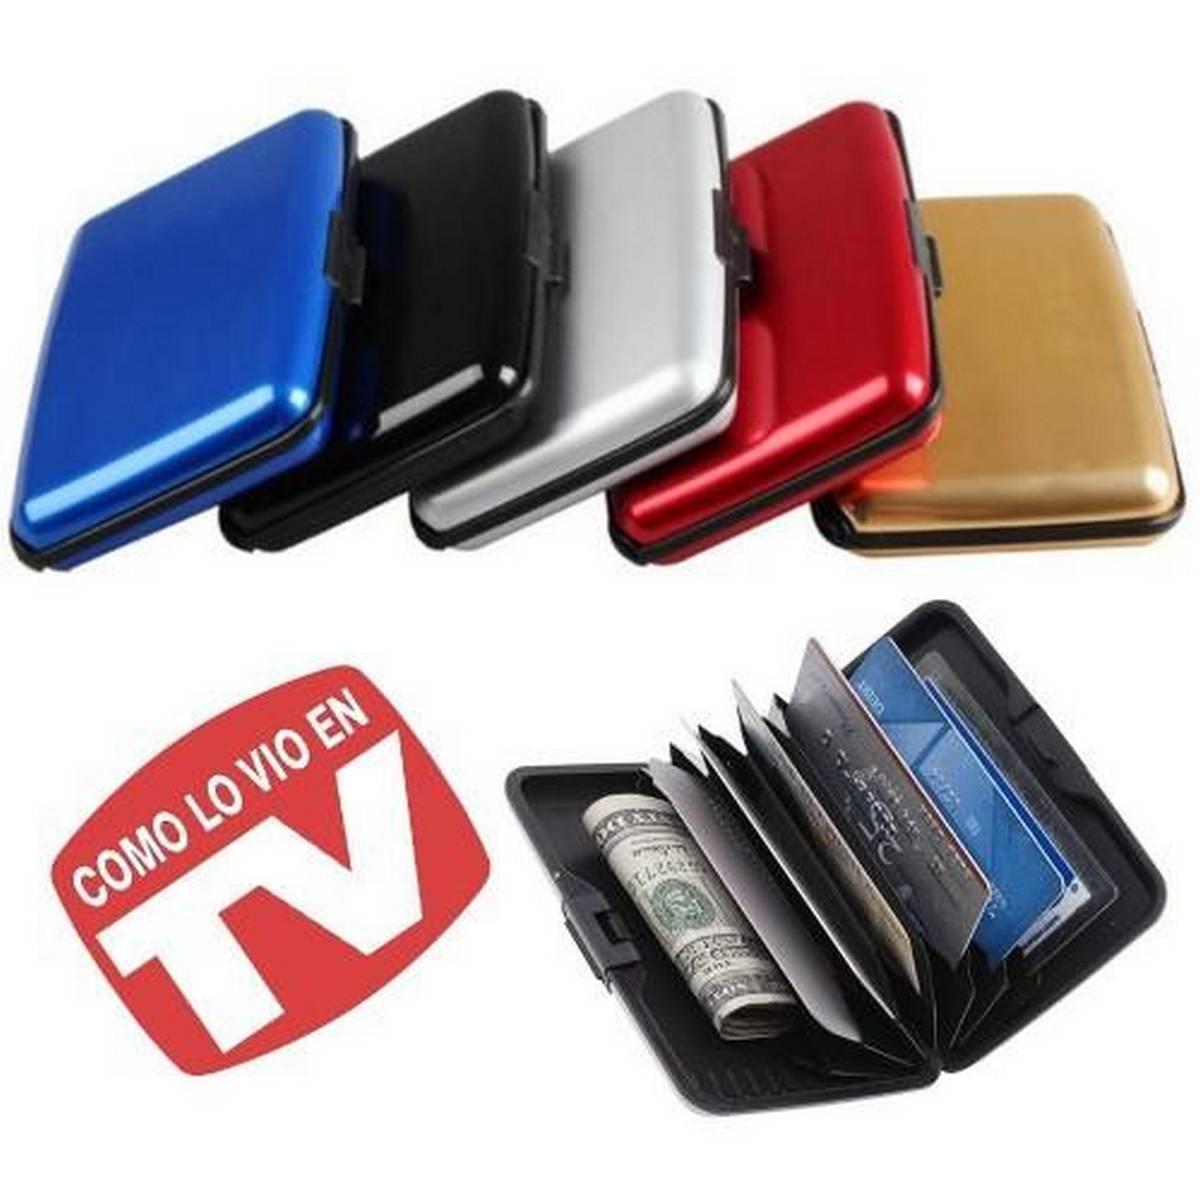 Ultra Slim Alluma Wallet